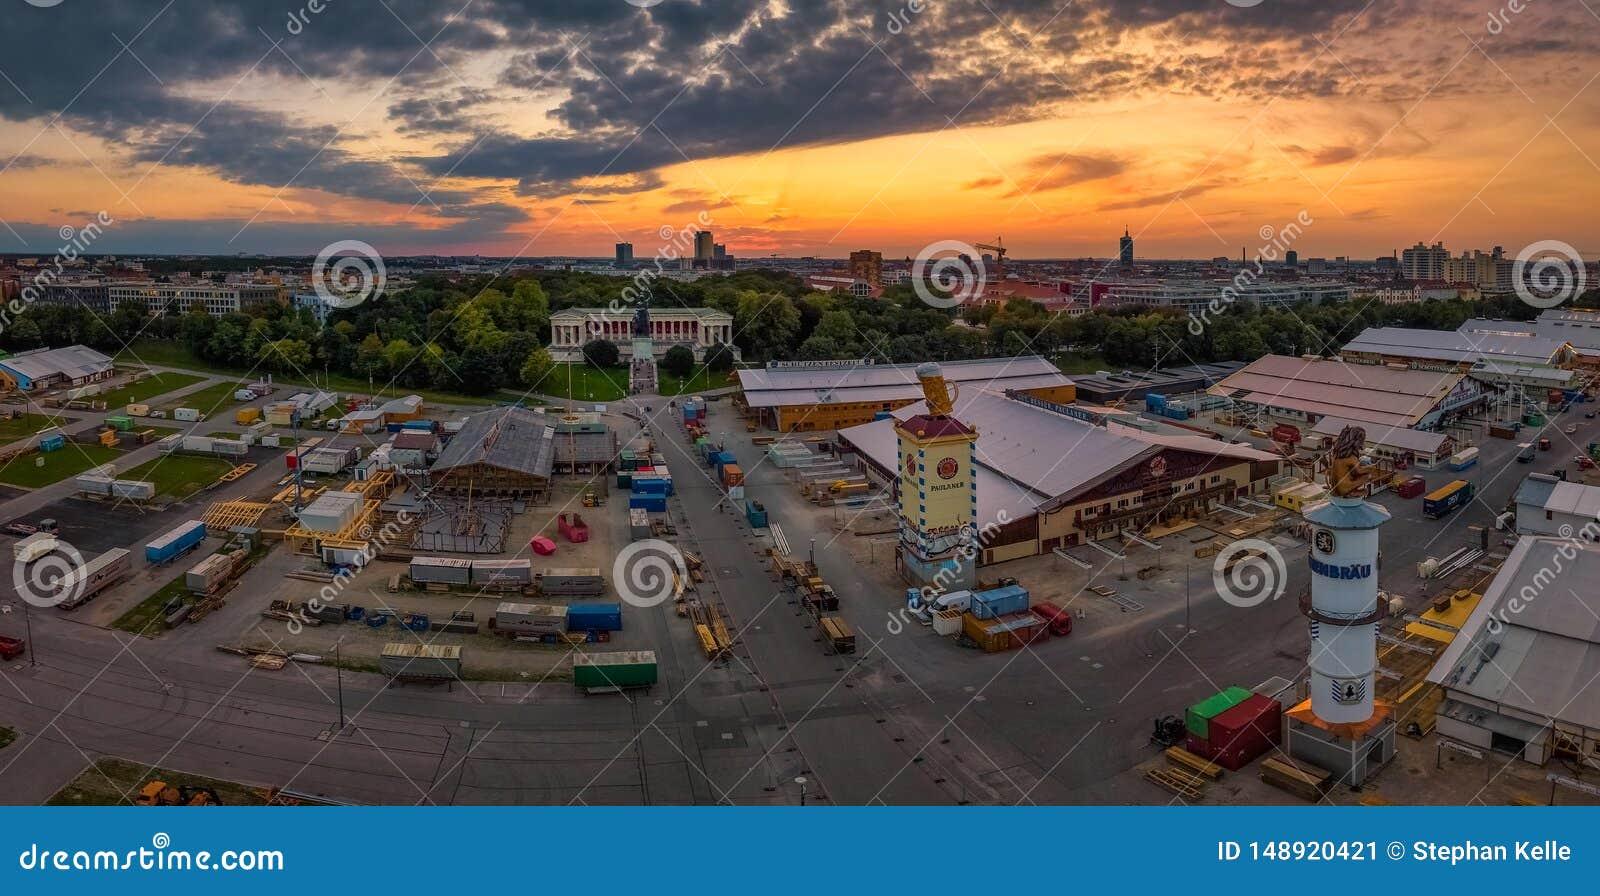 Beroemd Beieren bij zonsondergang met de Oktoberfest-voorbereidingen vooraan